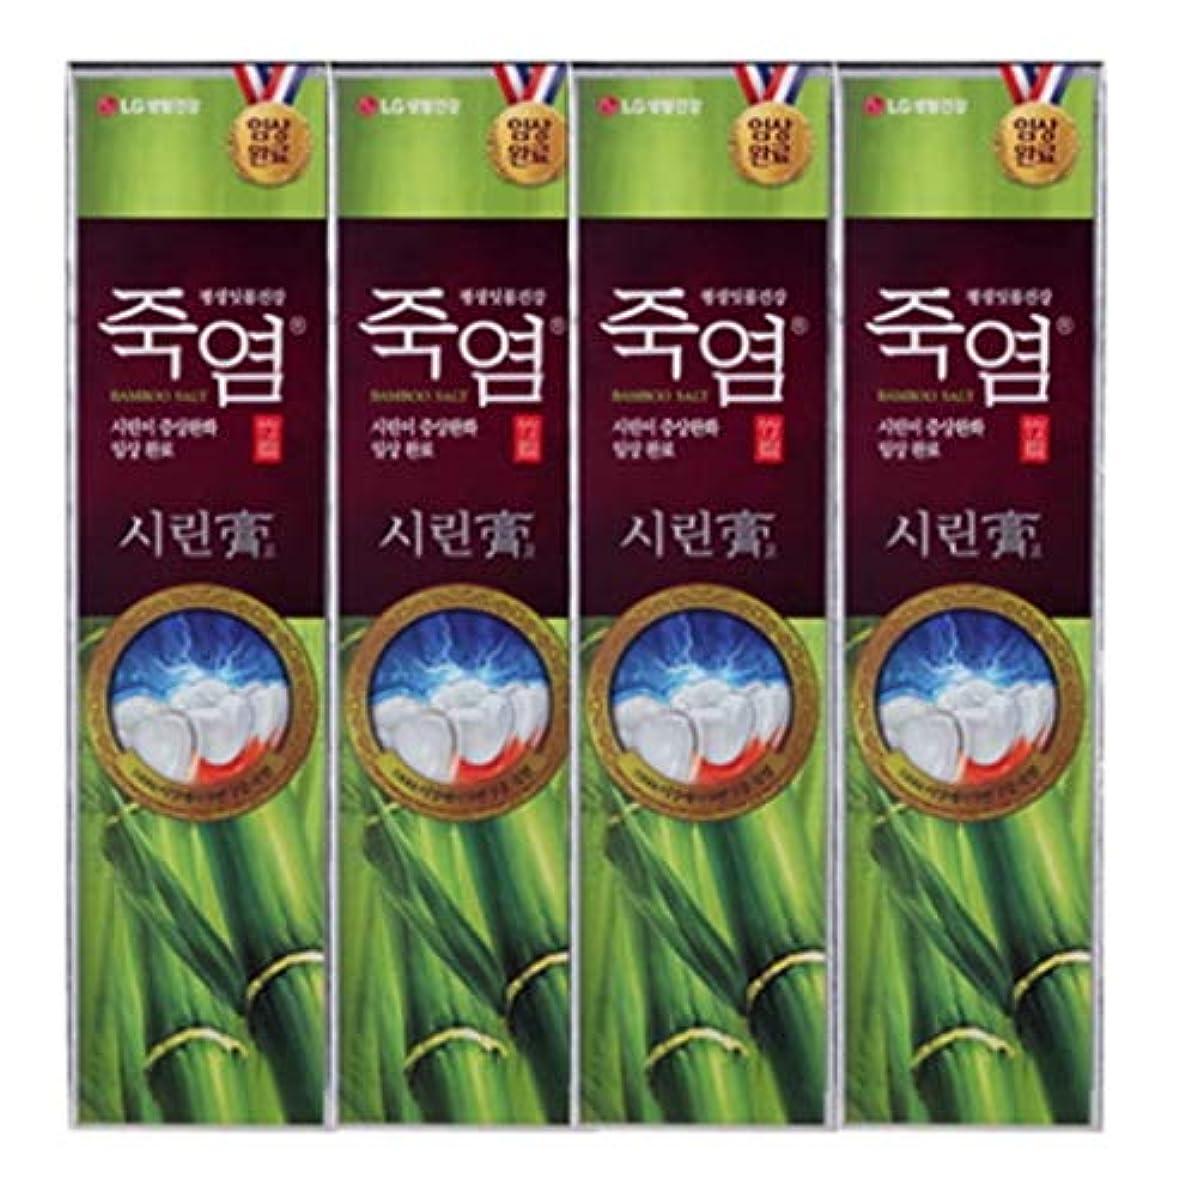 カップル露上下する[LG Care/LG生活健康]竹塩歯磨き粉つぶれて歯茎を健康に120g x4ea/歯磨きセットスペシャル?リミテッドToothpaste Set Special Limited Korea(海外直送品)